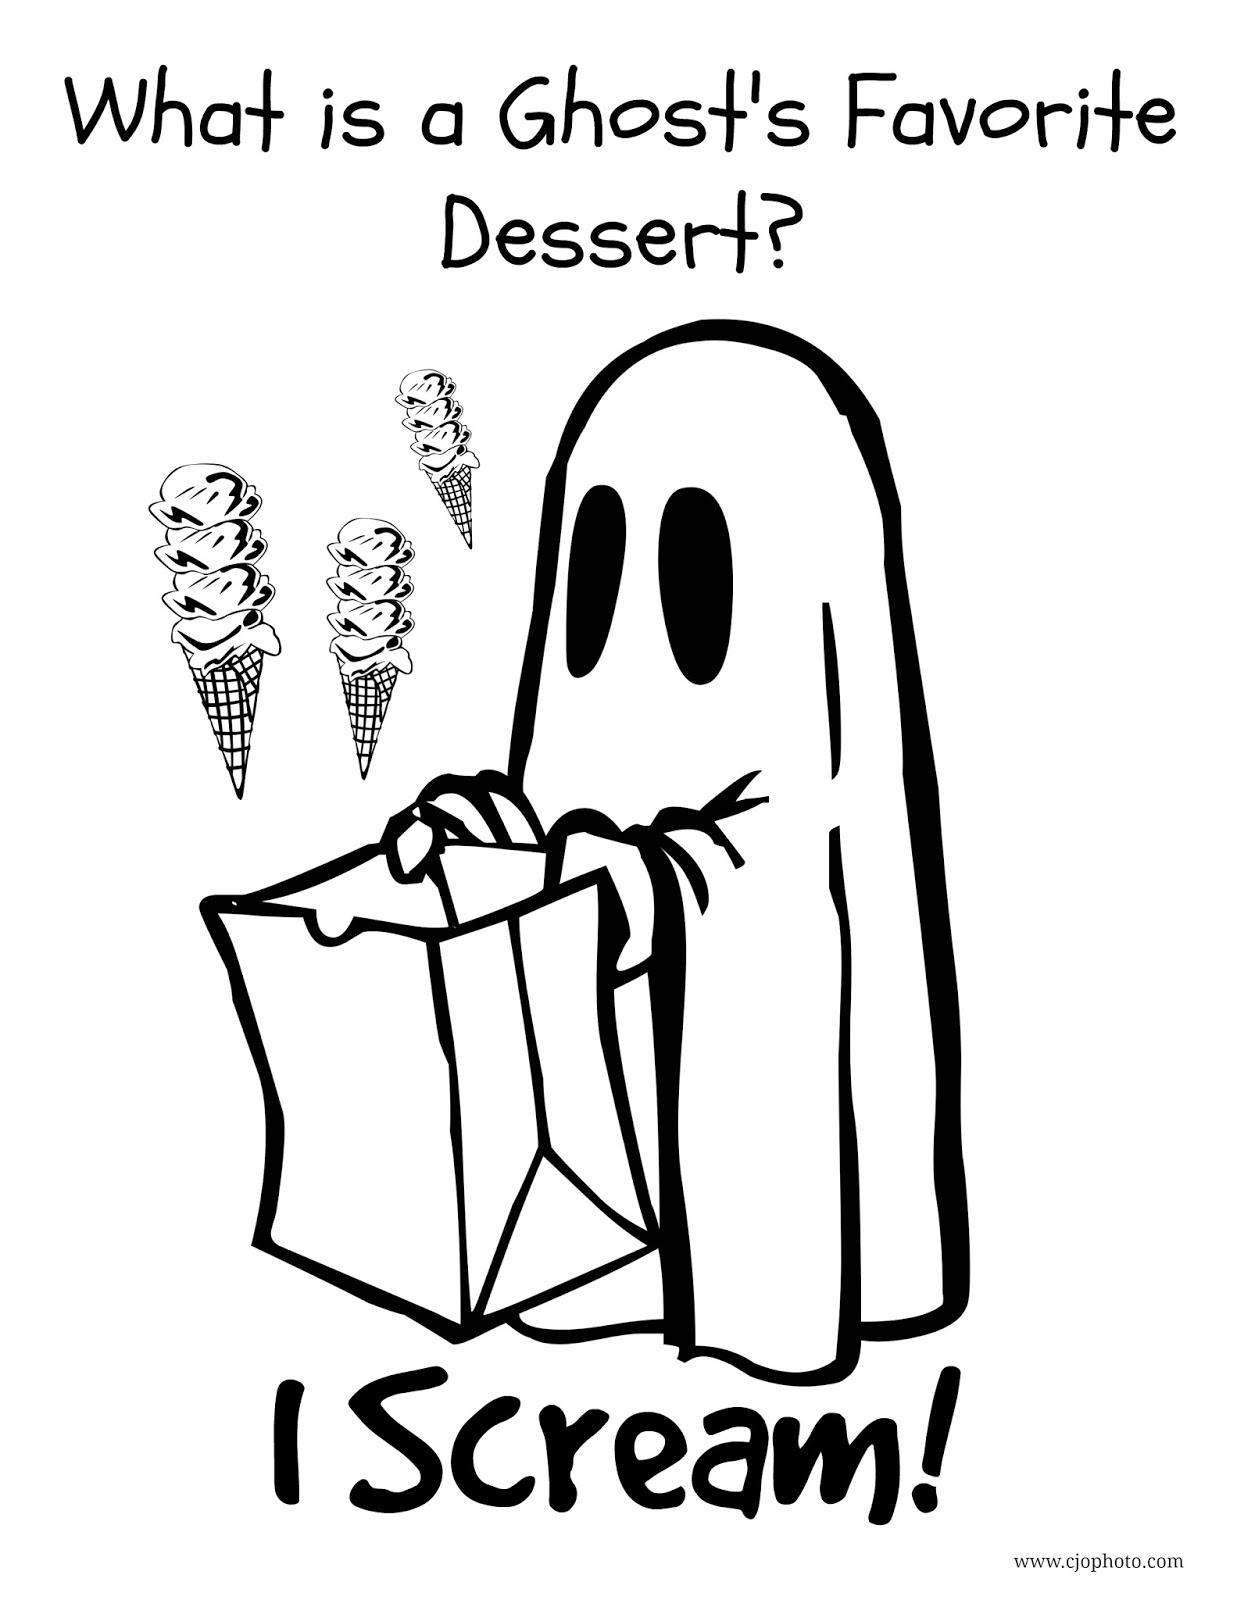 1237x1600 Cjo Photo Halloween Joke Coloring Page Ghost Joke